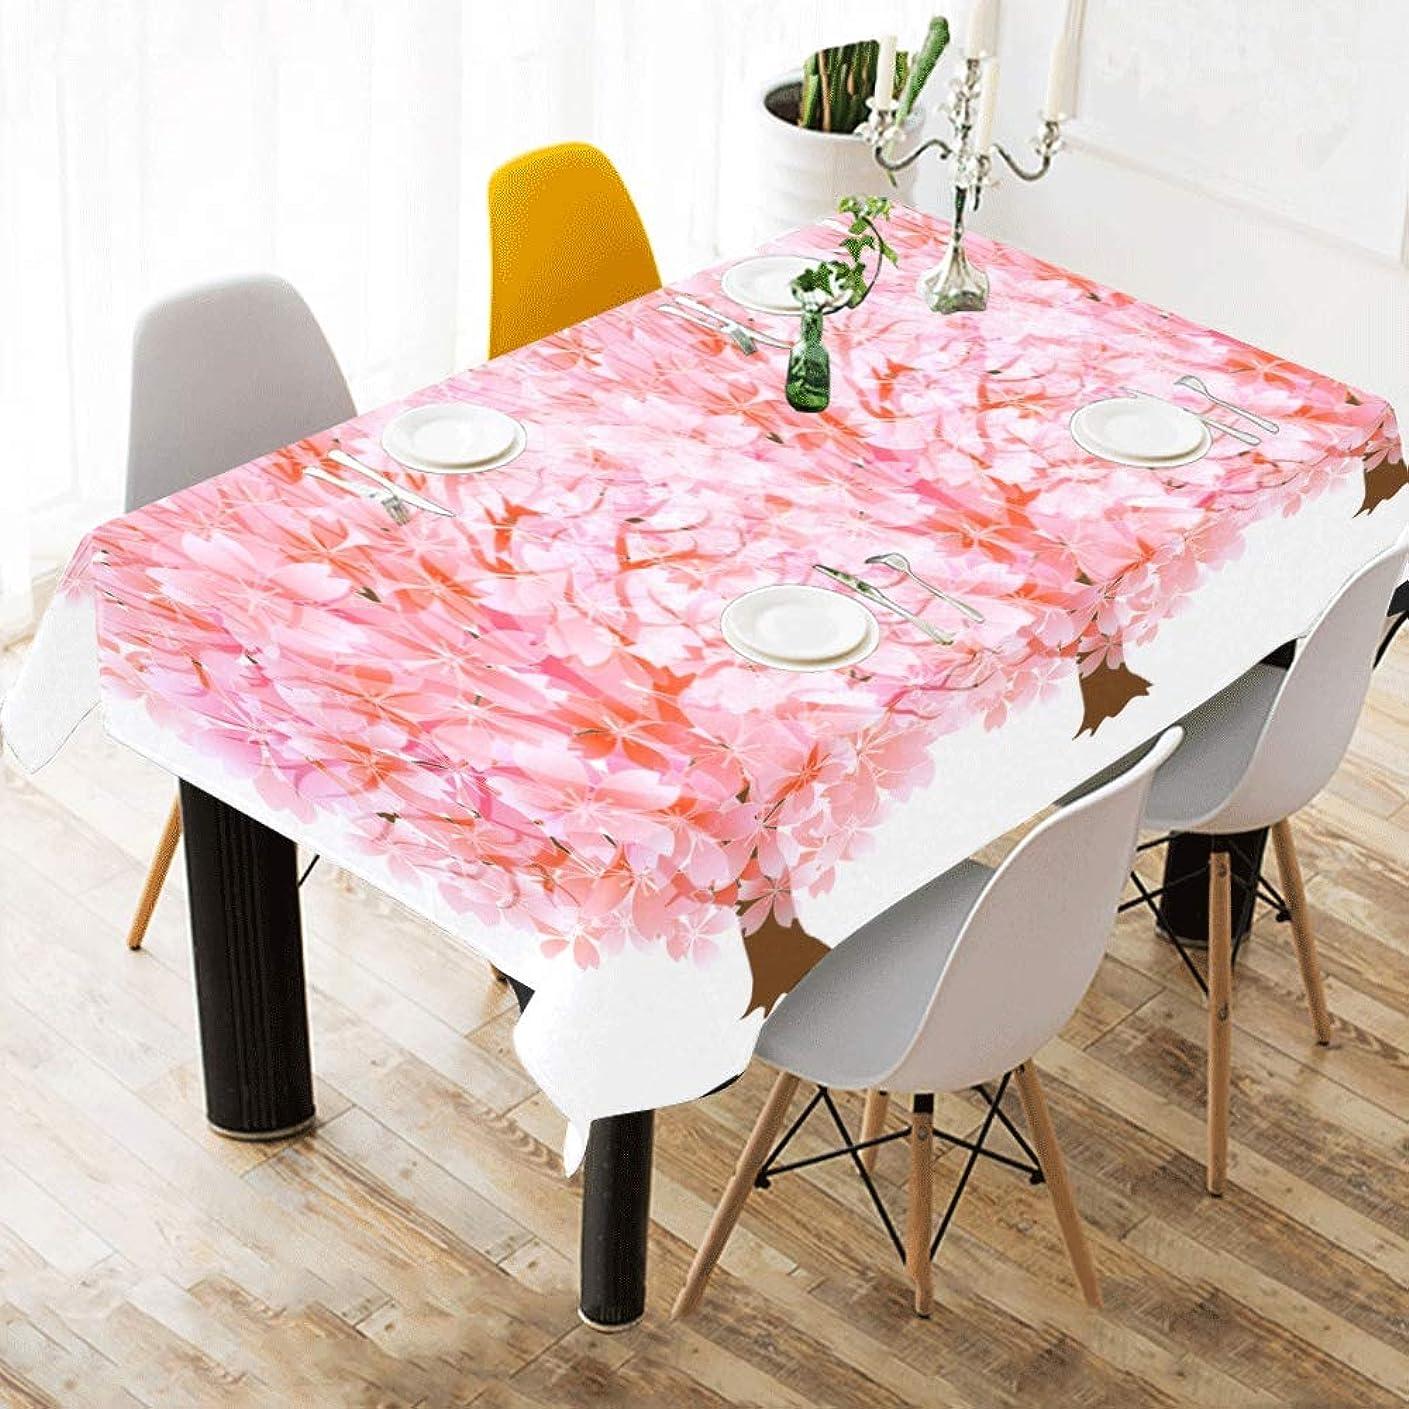 形成ブレーキショートカットLNJKD テーブルクロス ピンクな木 テーブルカバー 食卓カバー コットンリネン 綿 撥水 耐熱 北欧 150*213cm 長方形